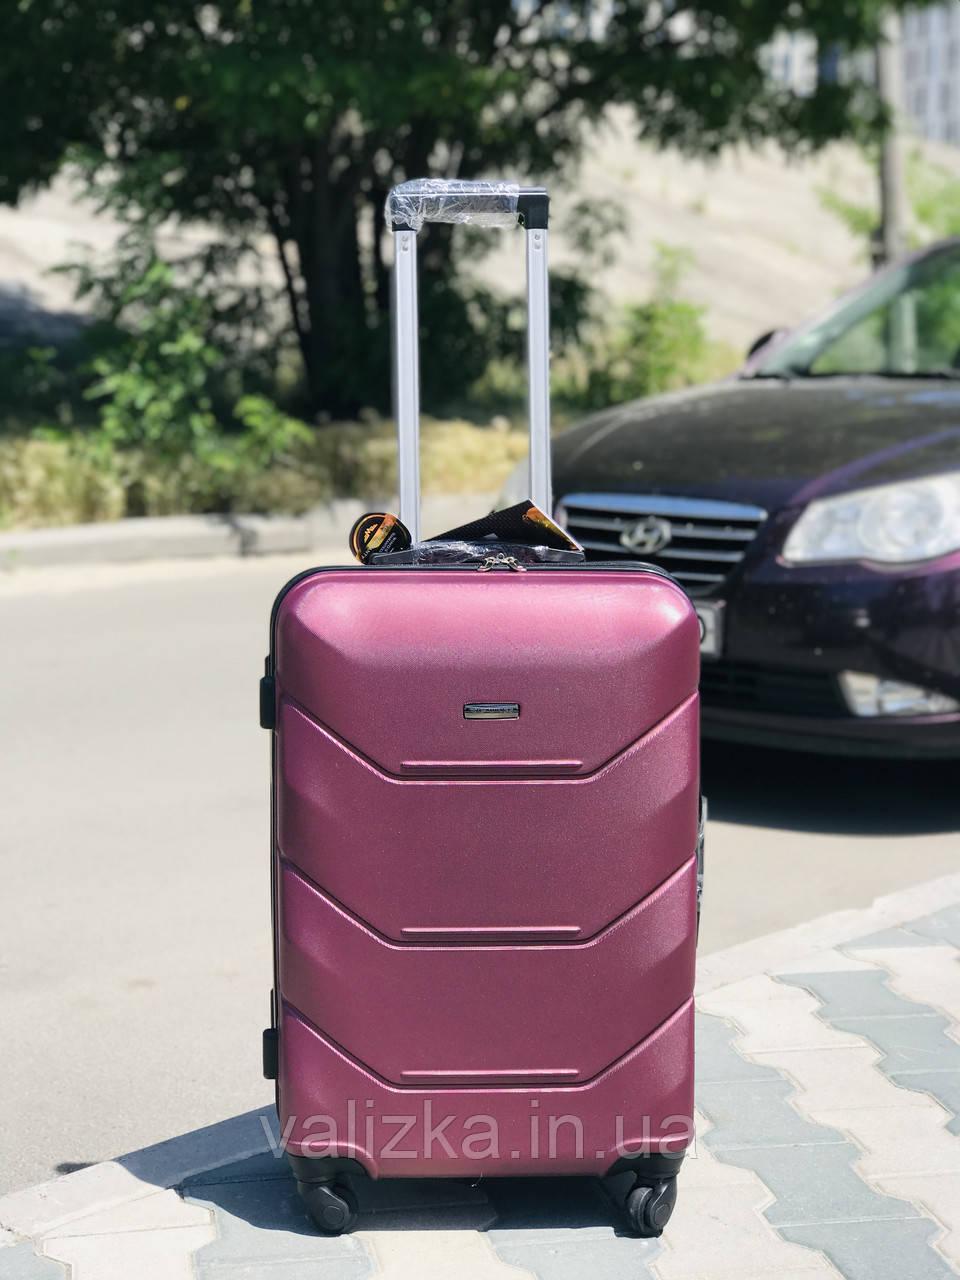 Большой пластиковый чемодан из поликарбоната бордовый на 4-х колесах / Велика пластикова валіза